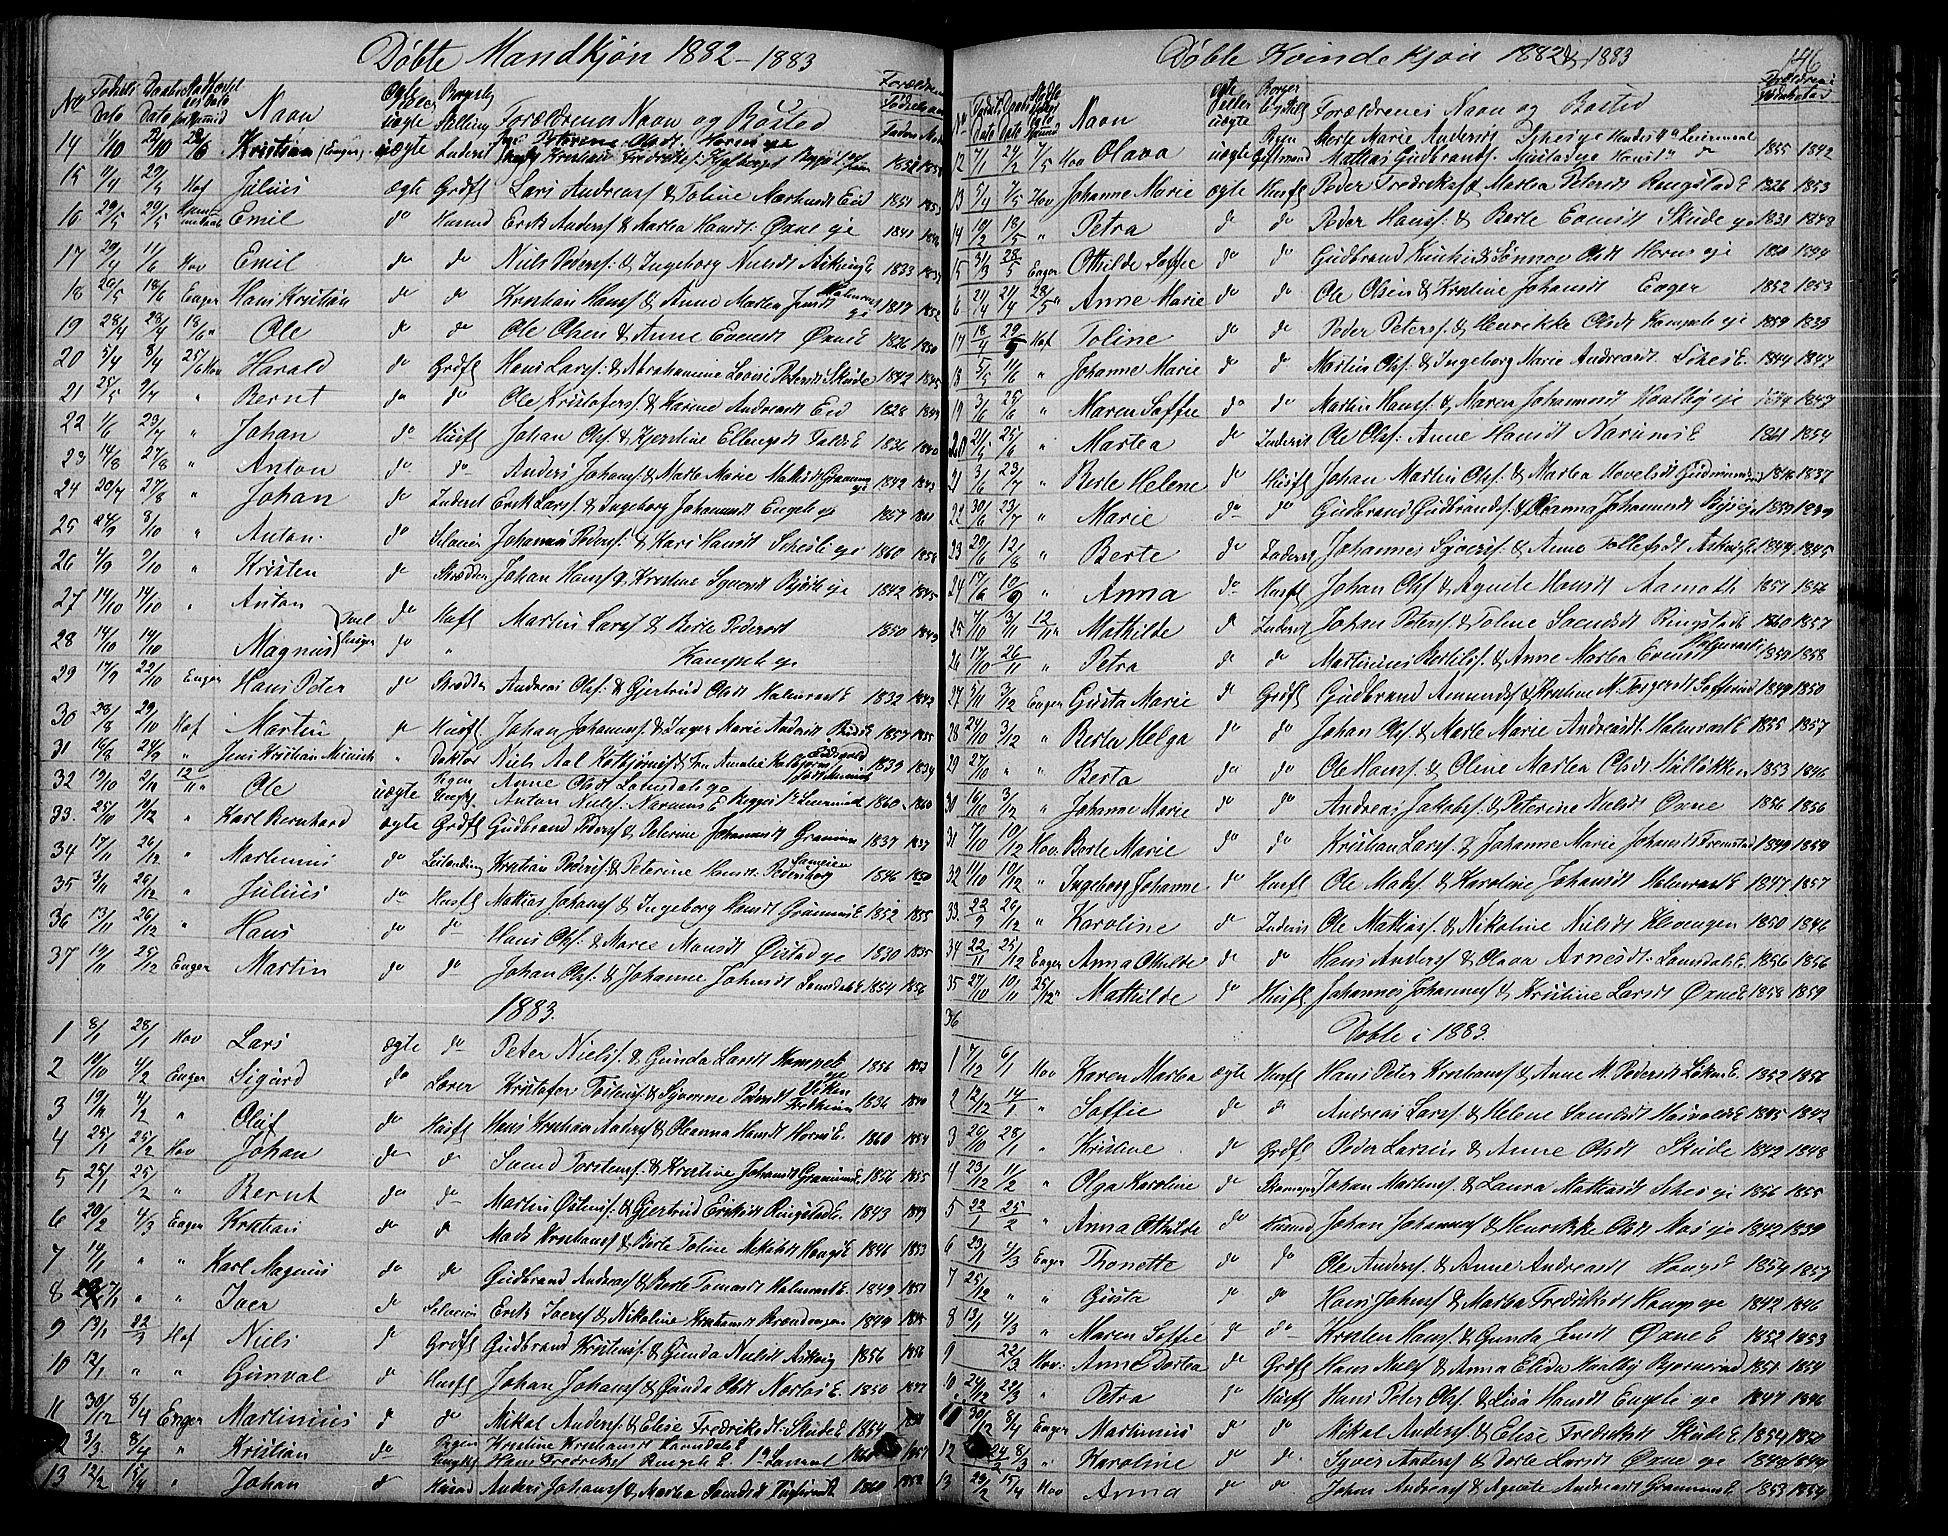 SAH, Søndre Land prestekontor, L/L0001: Parish register (copy) no. 1, 1849-1883, p. 146